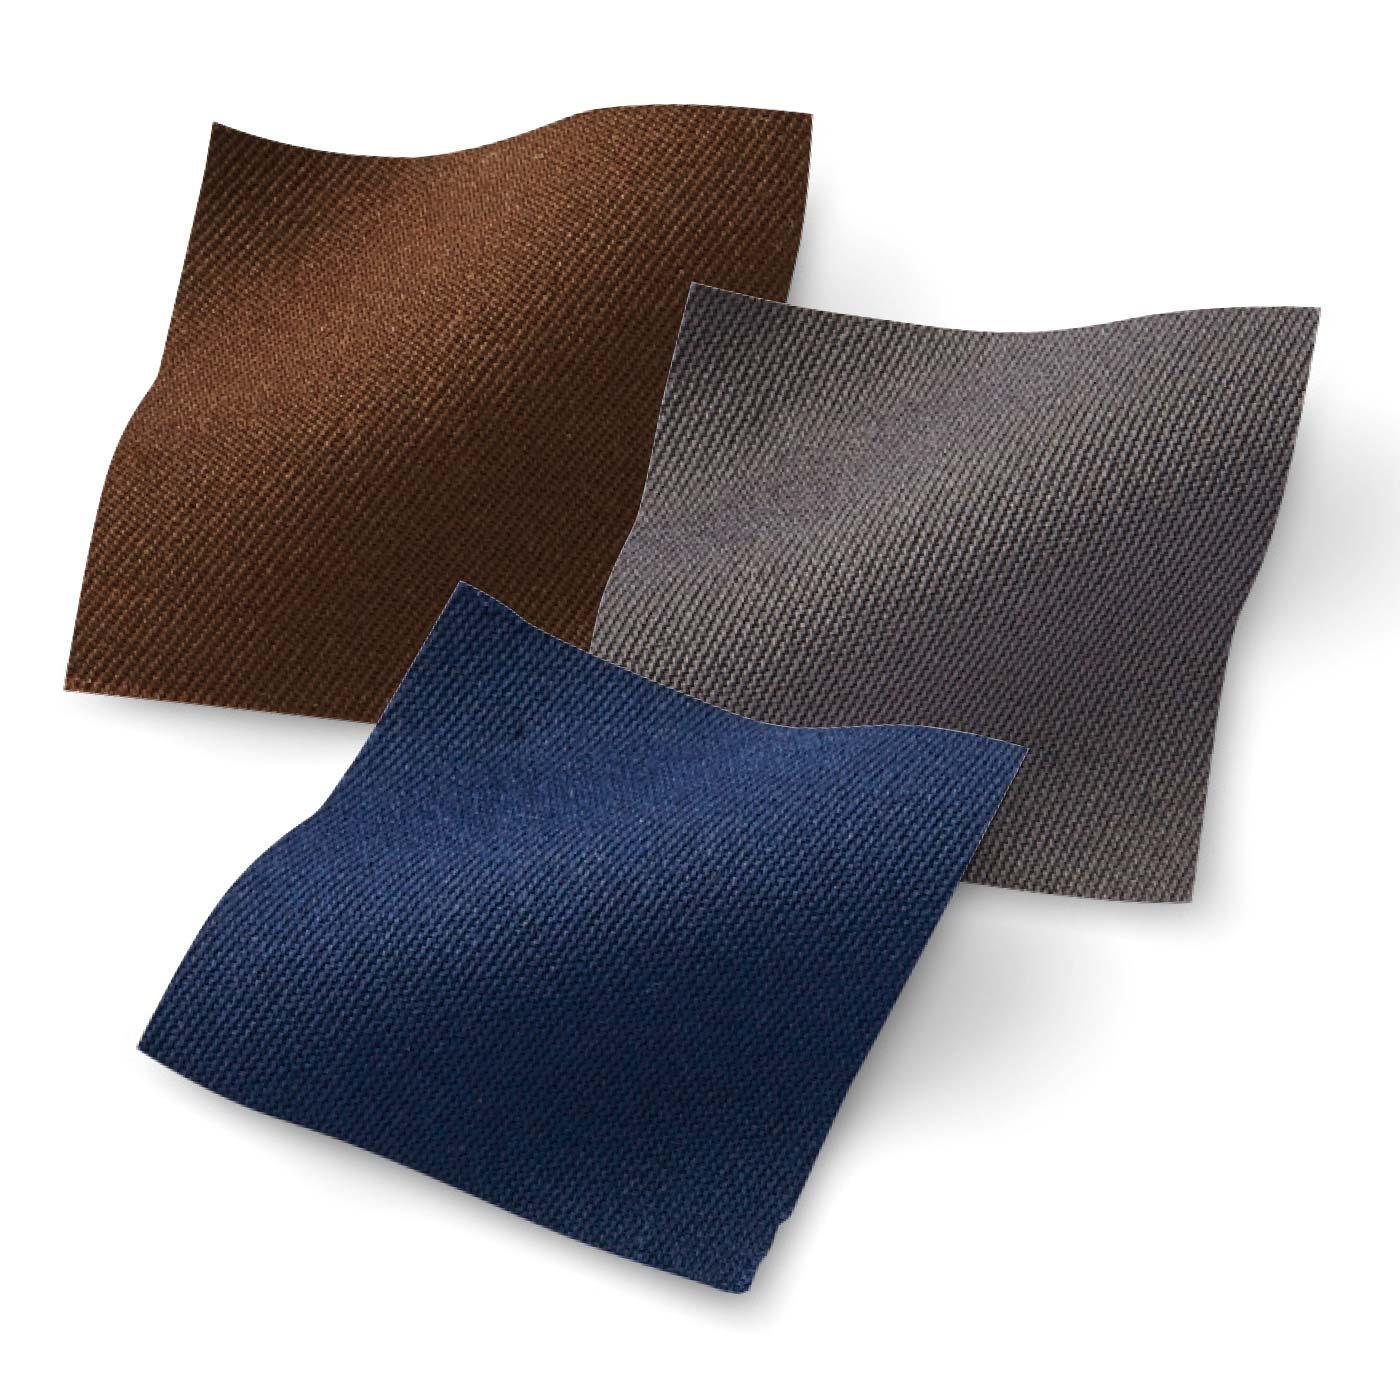 ほどよい厚さの素材。汚れが目立ちにくいカラー。